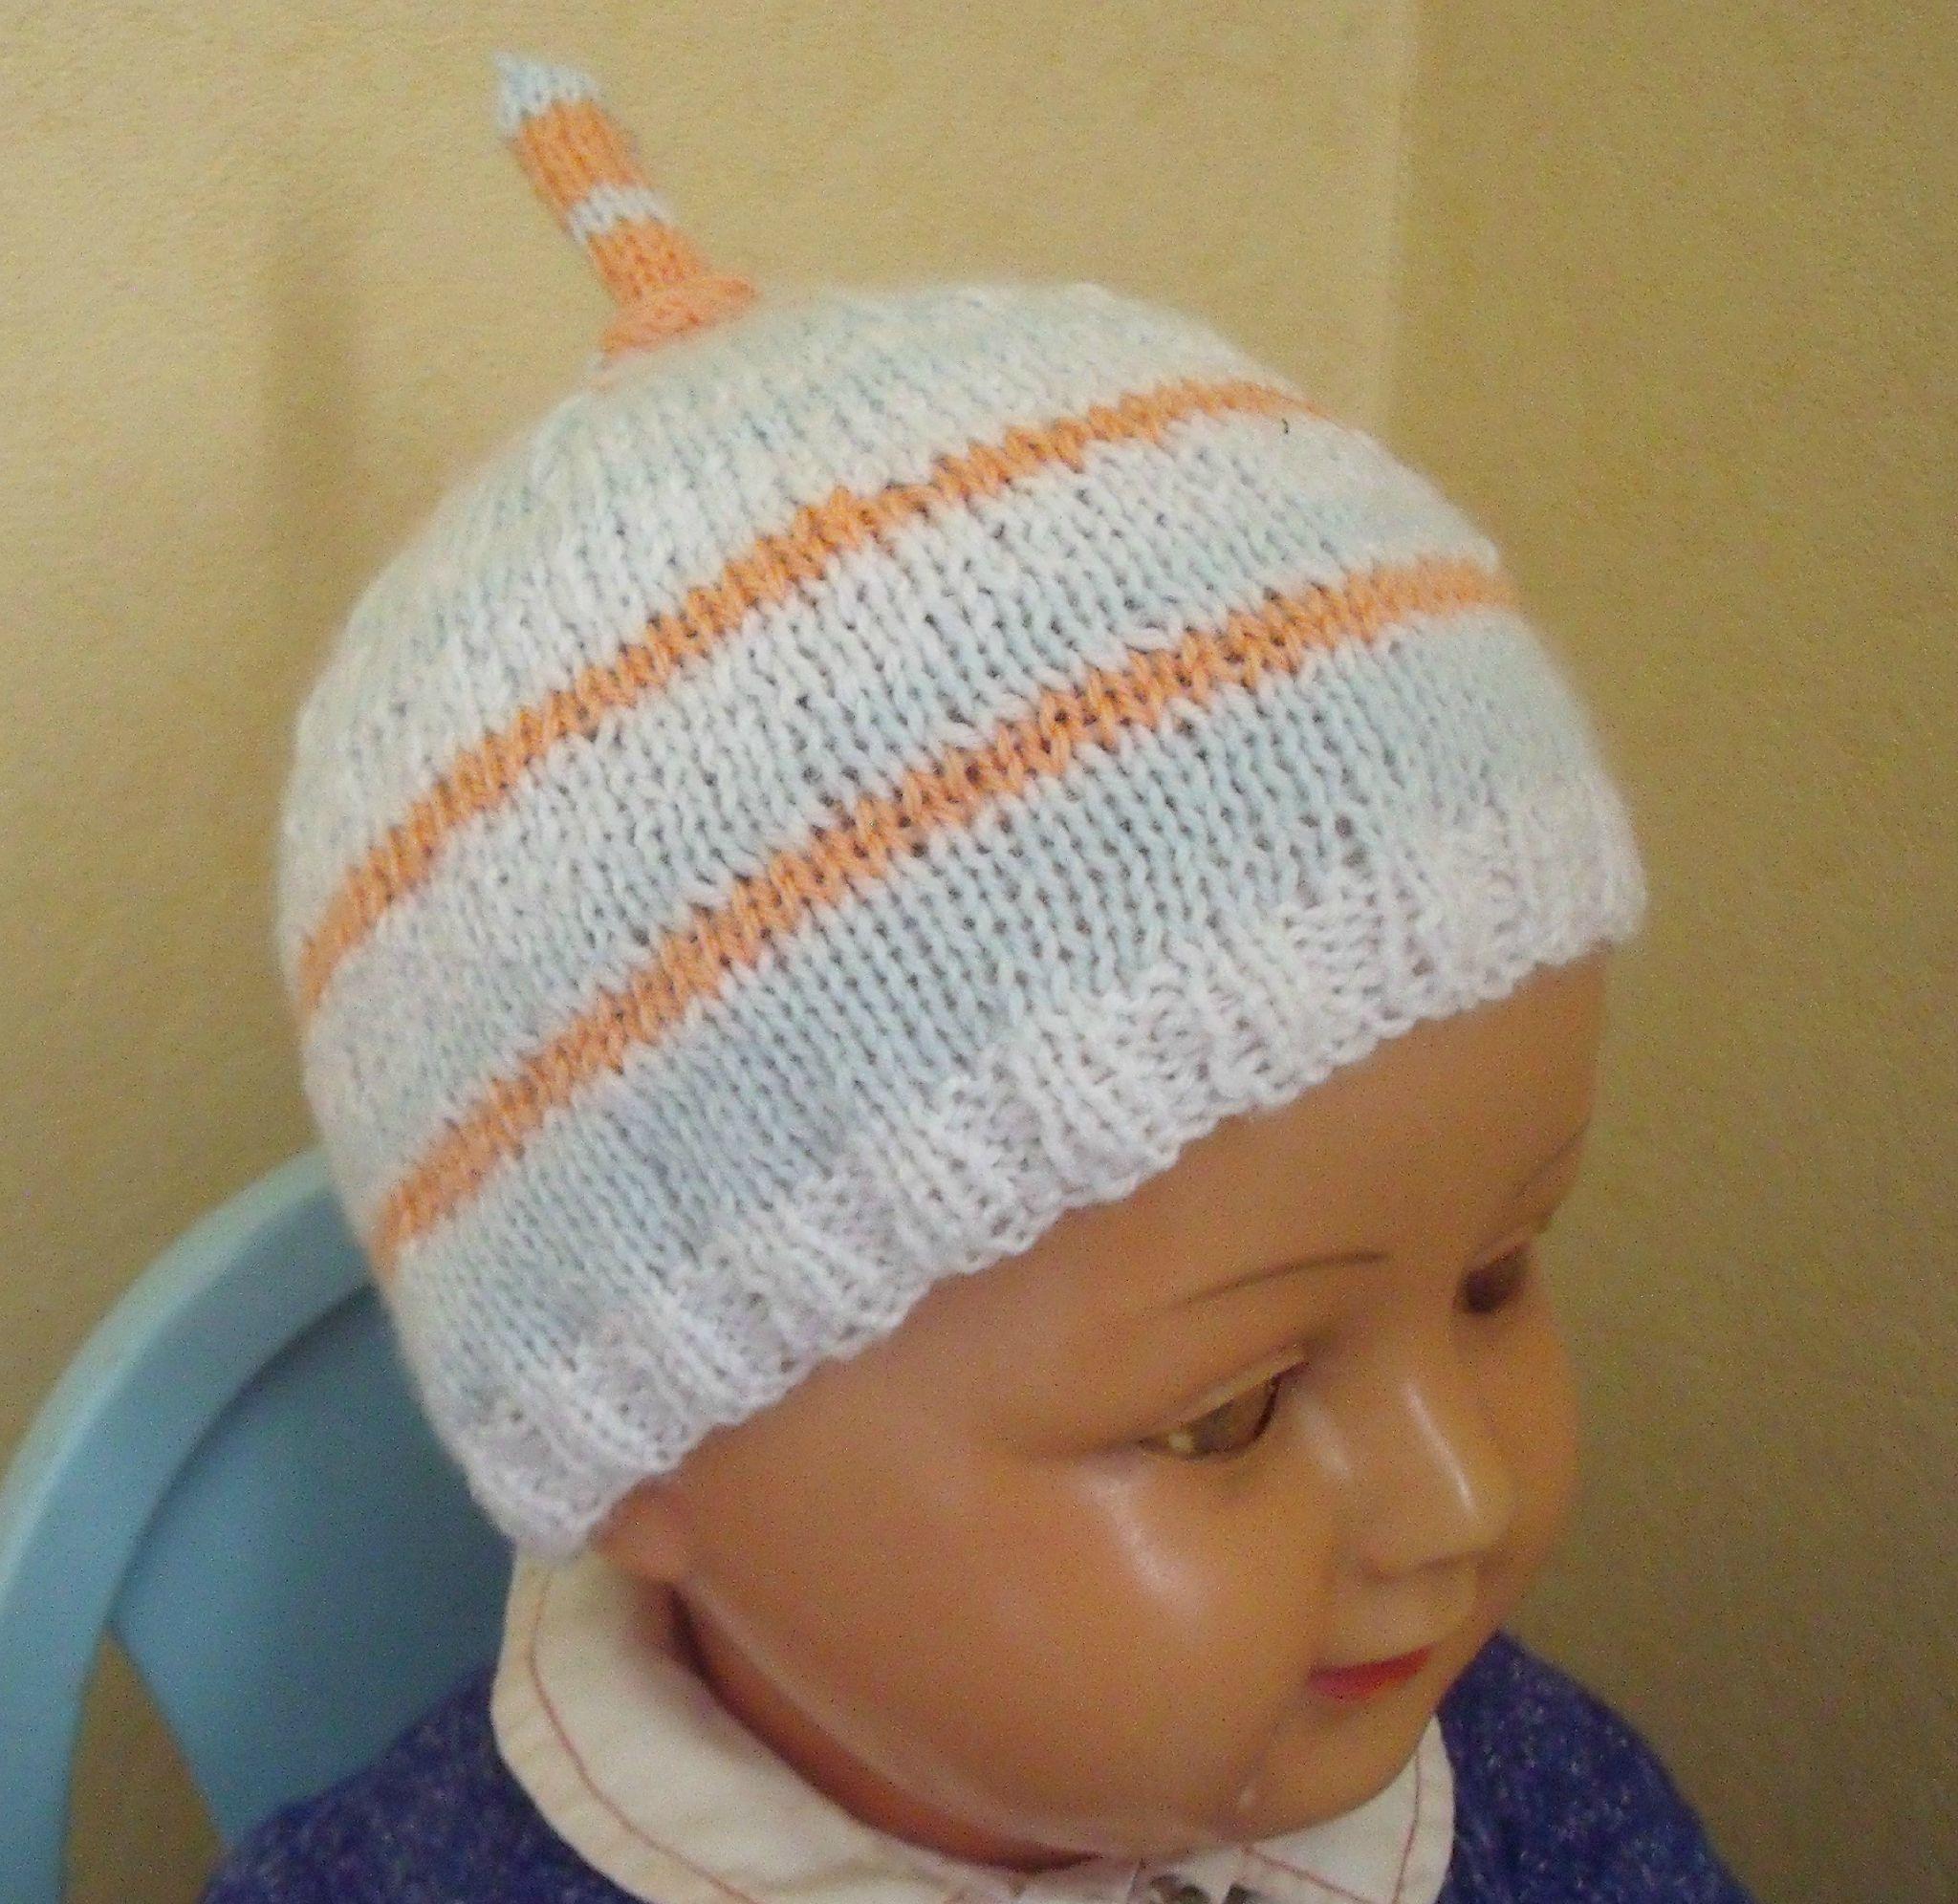 b1ca9613aa27 Tricoter un bonnet pour un nourrisson - Idées de tricot gratuit